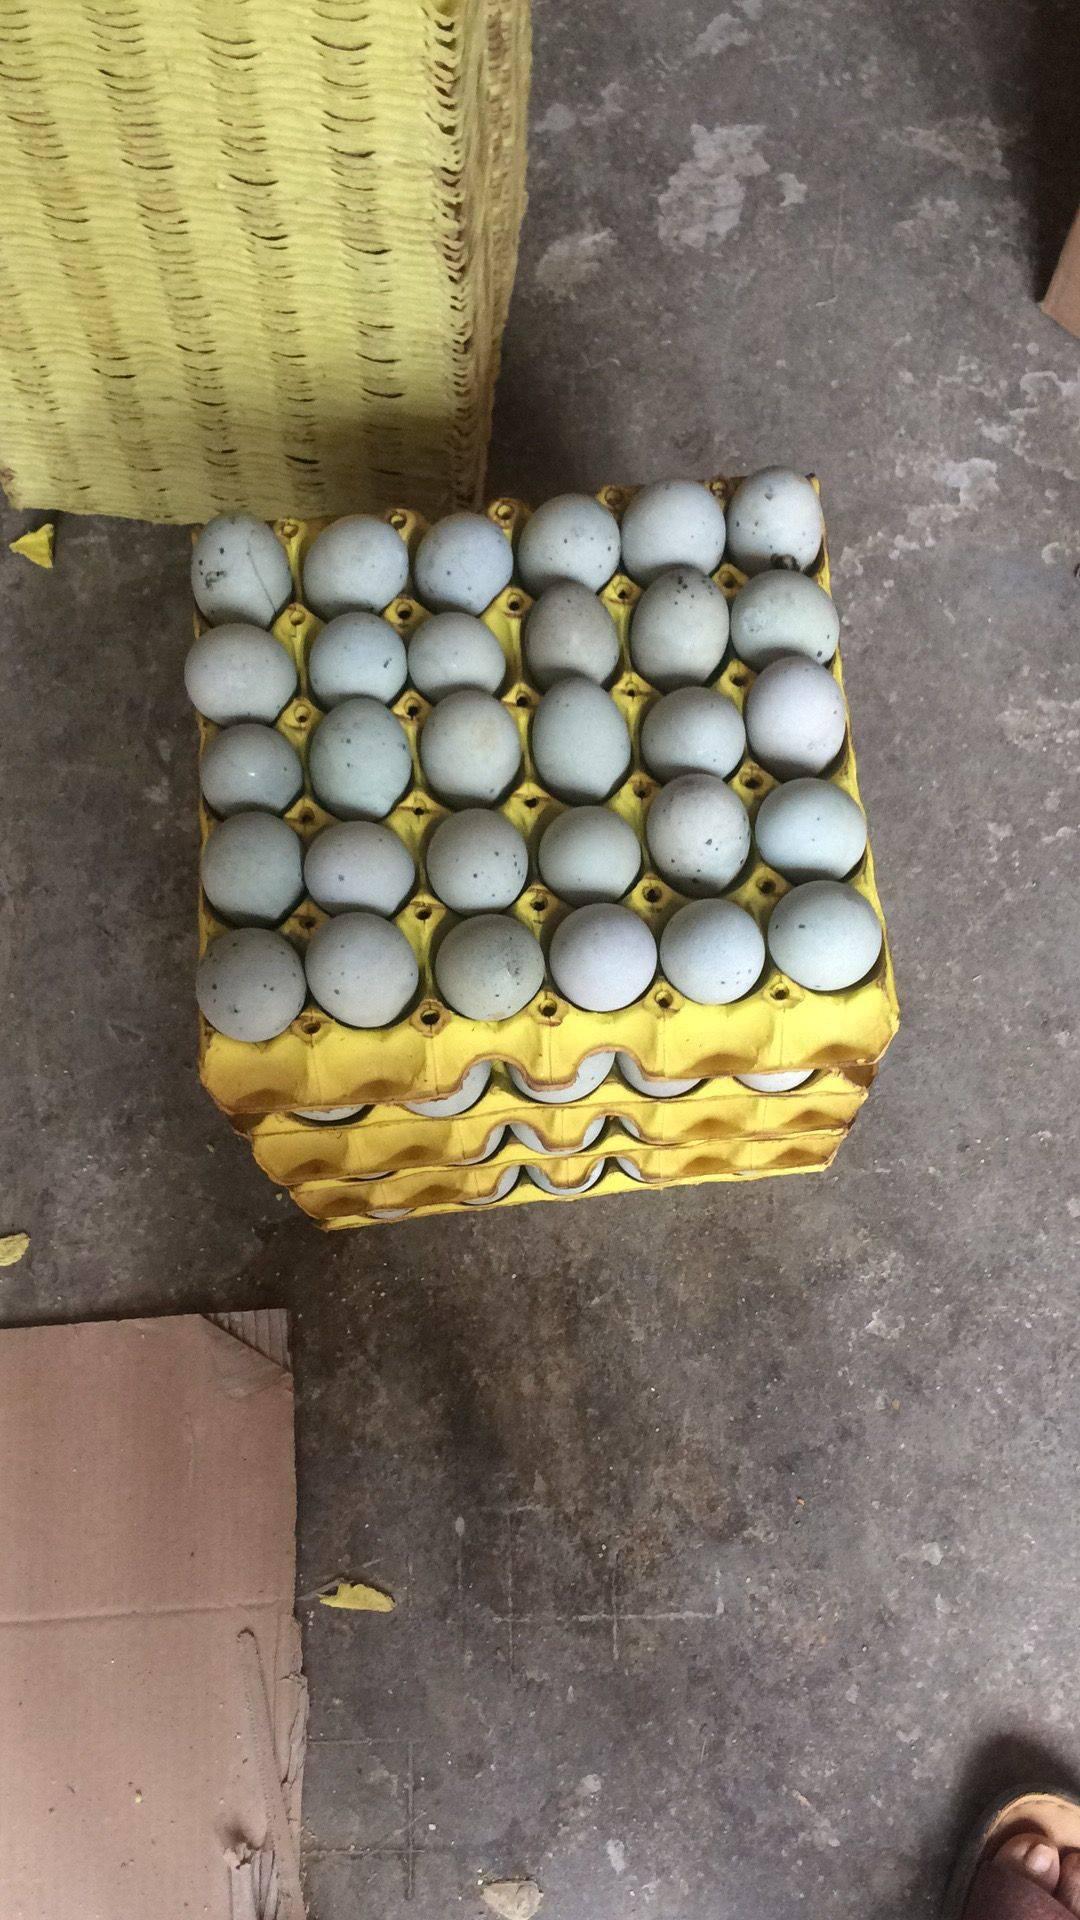 [无铅皮蛋批发] 我公司生产的皮蛋和盐蛋是严格执行有机产品的规范去生产加工们价格7元/斤